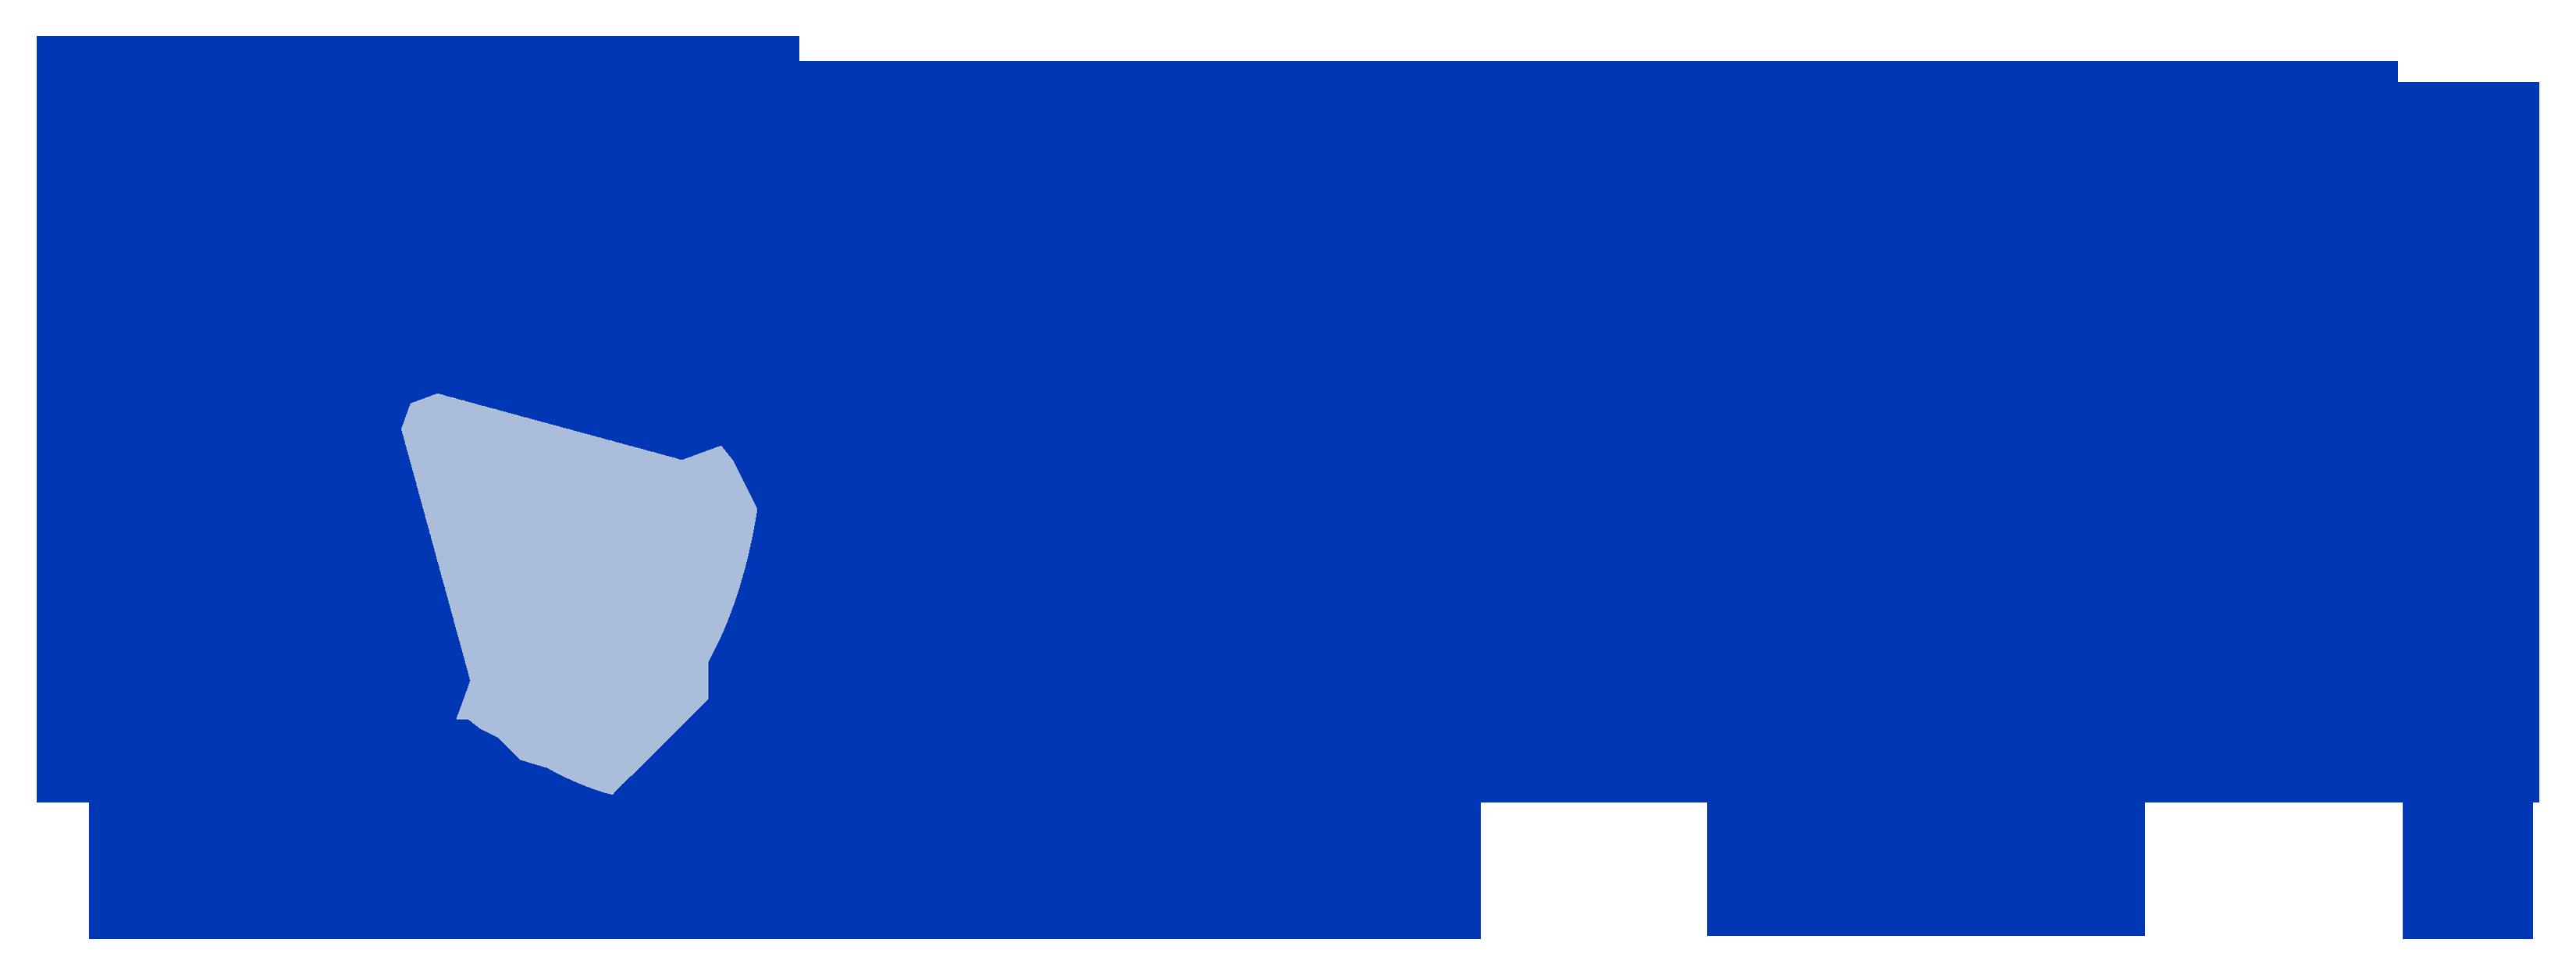 QBAR Insights